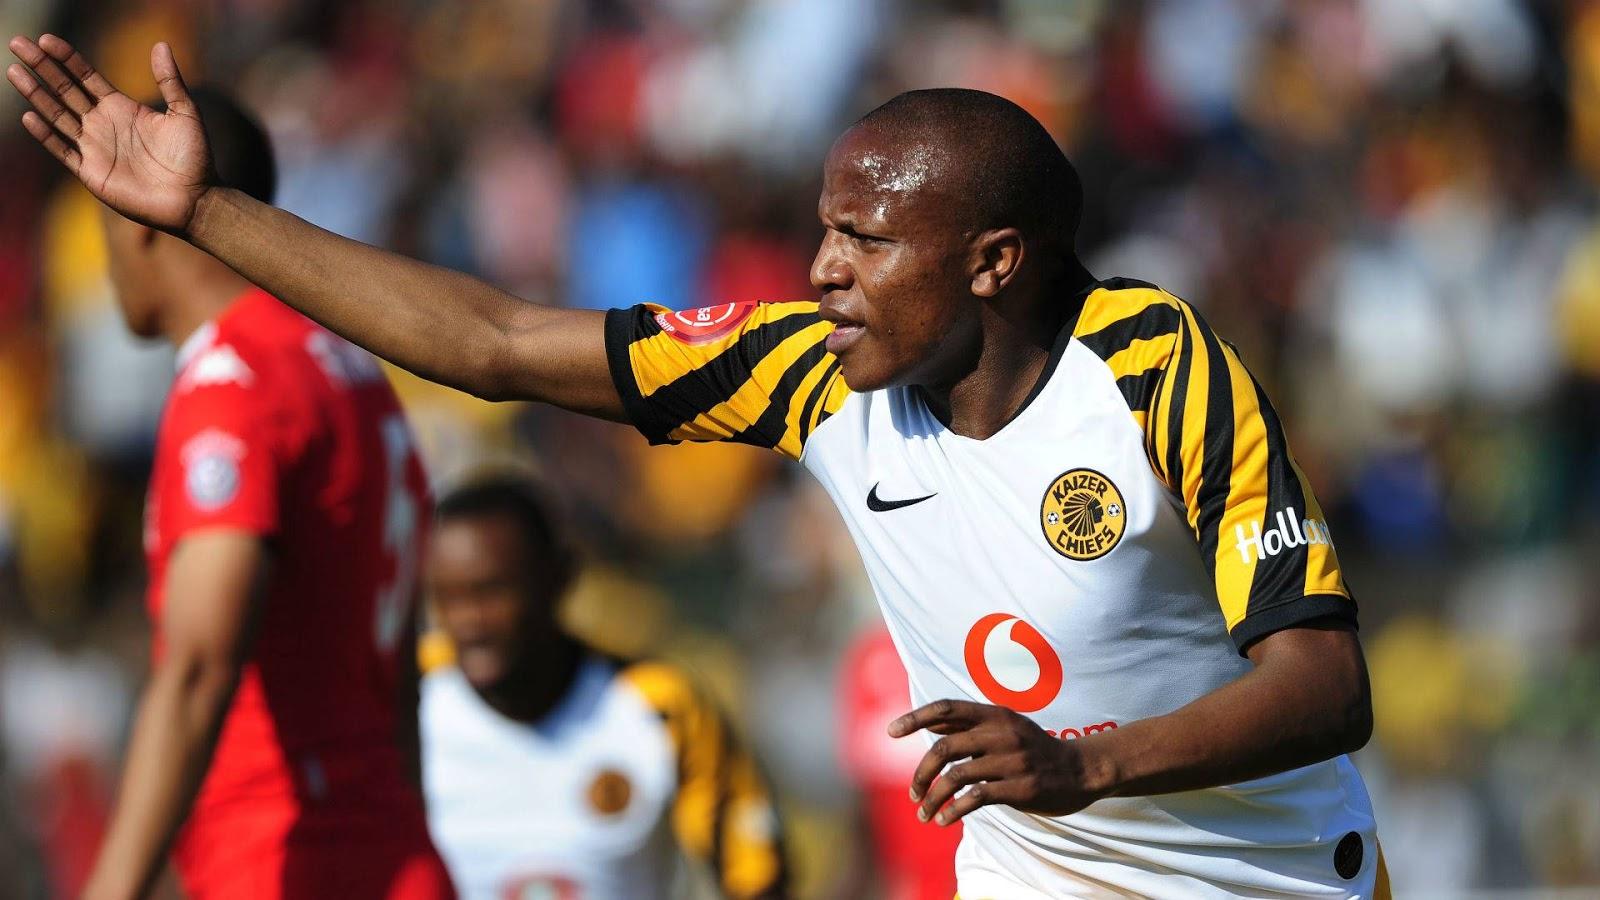 Kaizer Chiefs forward Lebogang Manyama